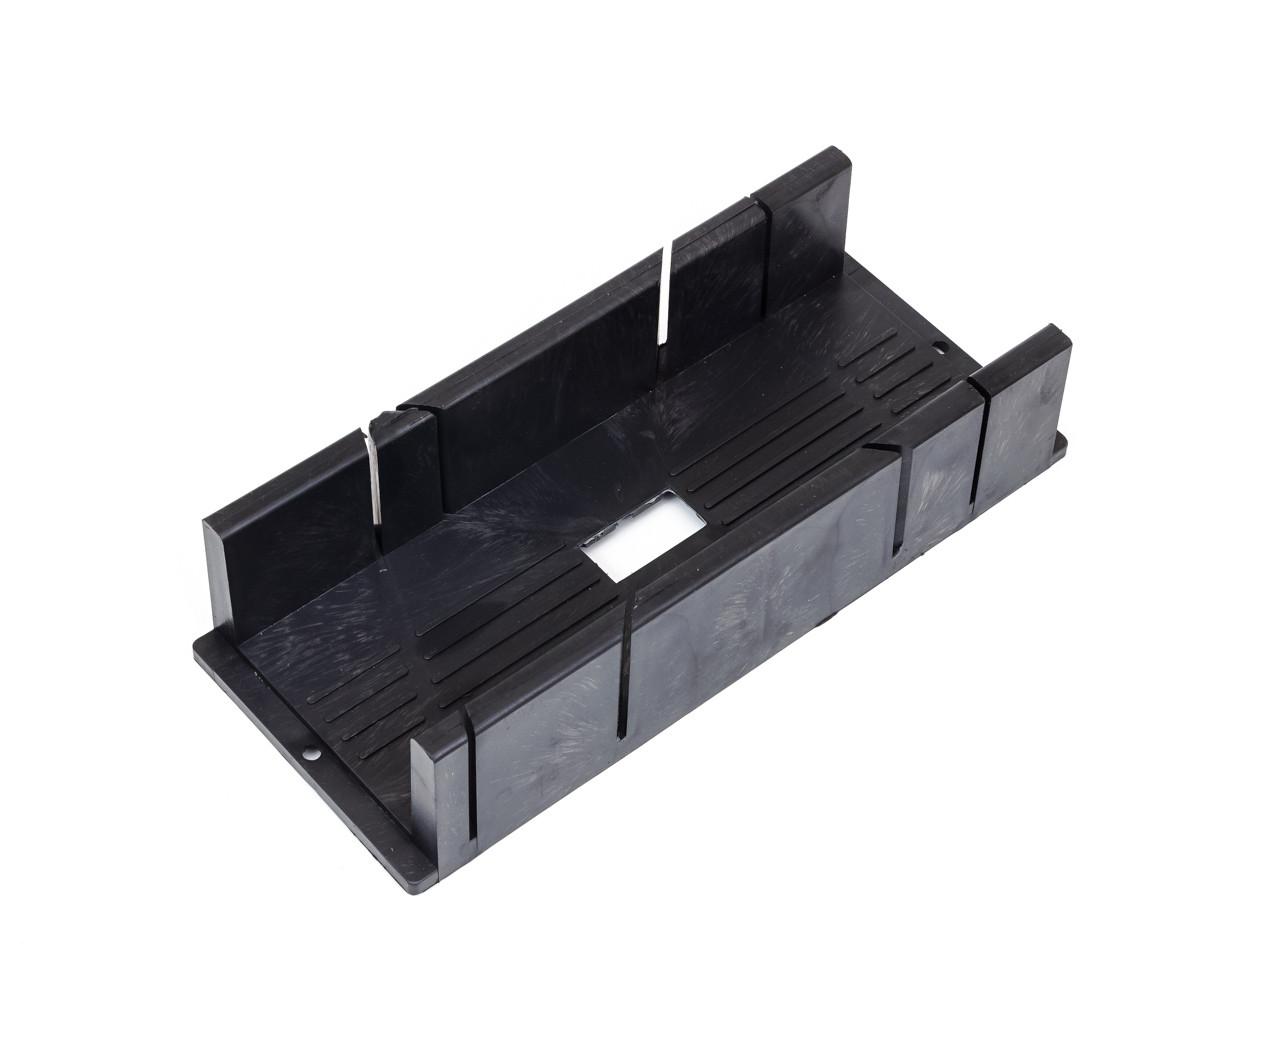 Стусло пластиковое Polax 300 x 100 мм (100-081)